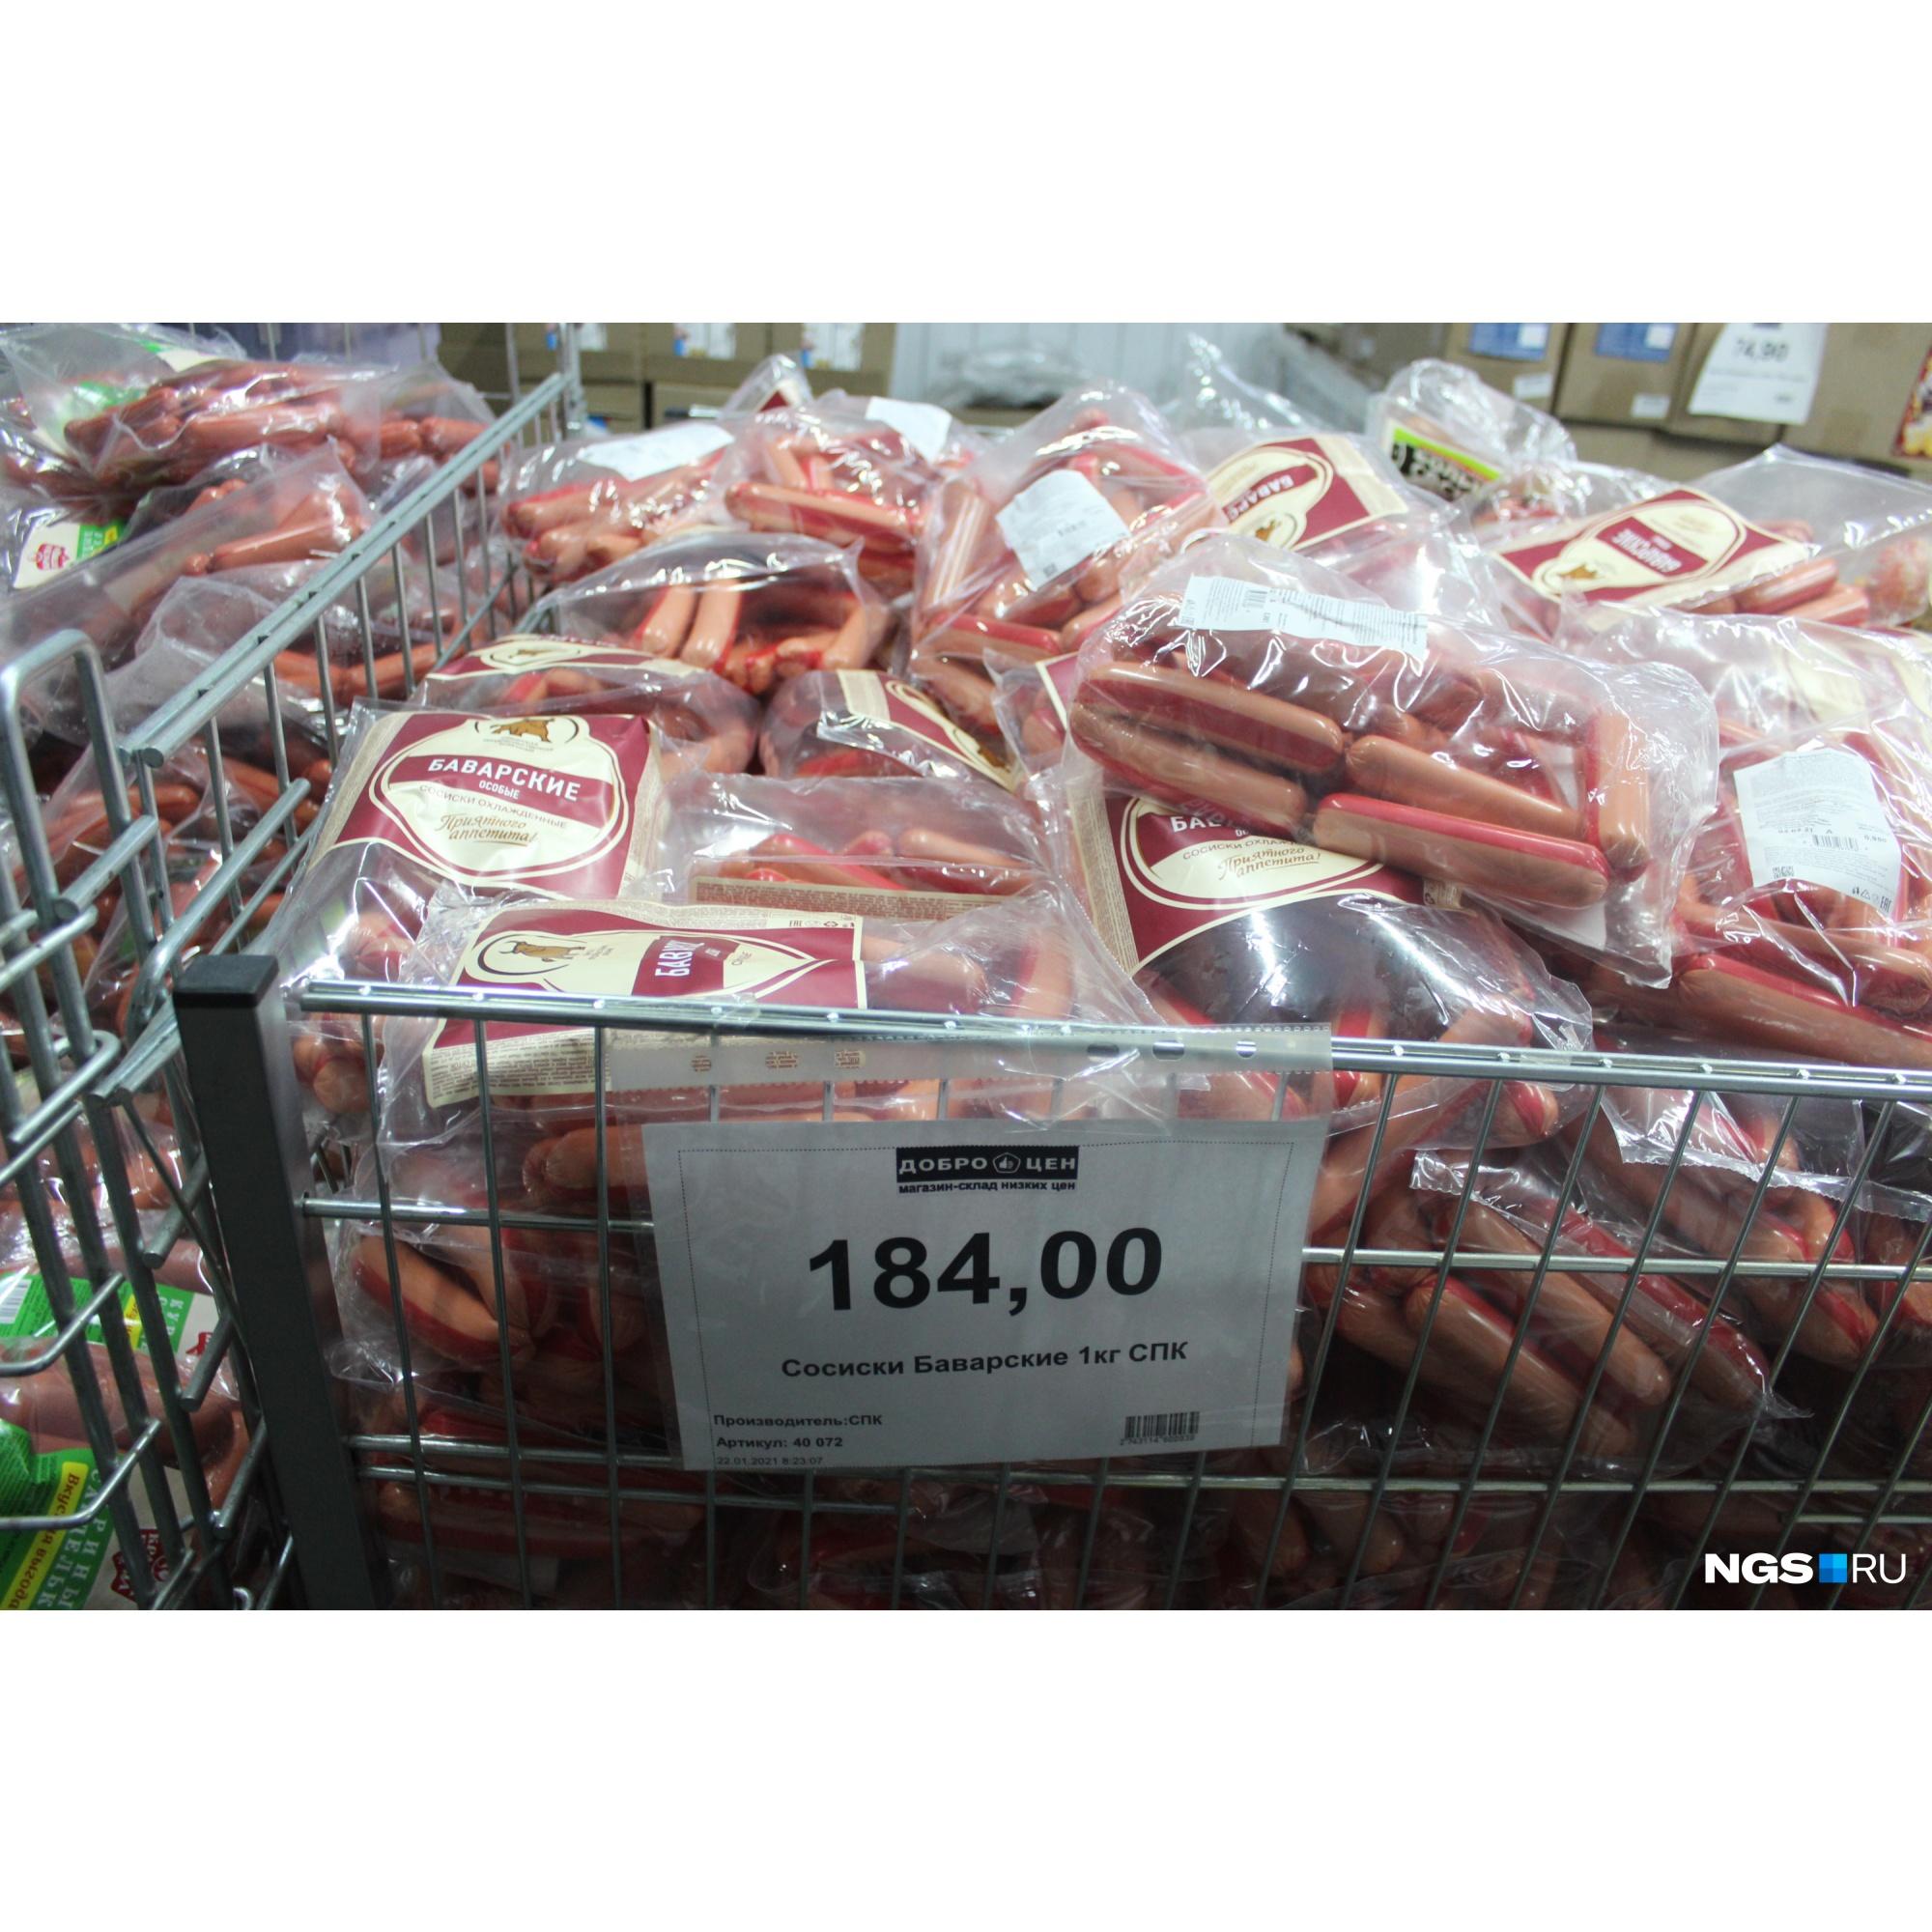 Сосиски из магазина «Доброцен»— даже в гипермаркете они будут стоить в полтора раза дороже